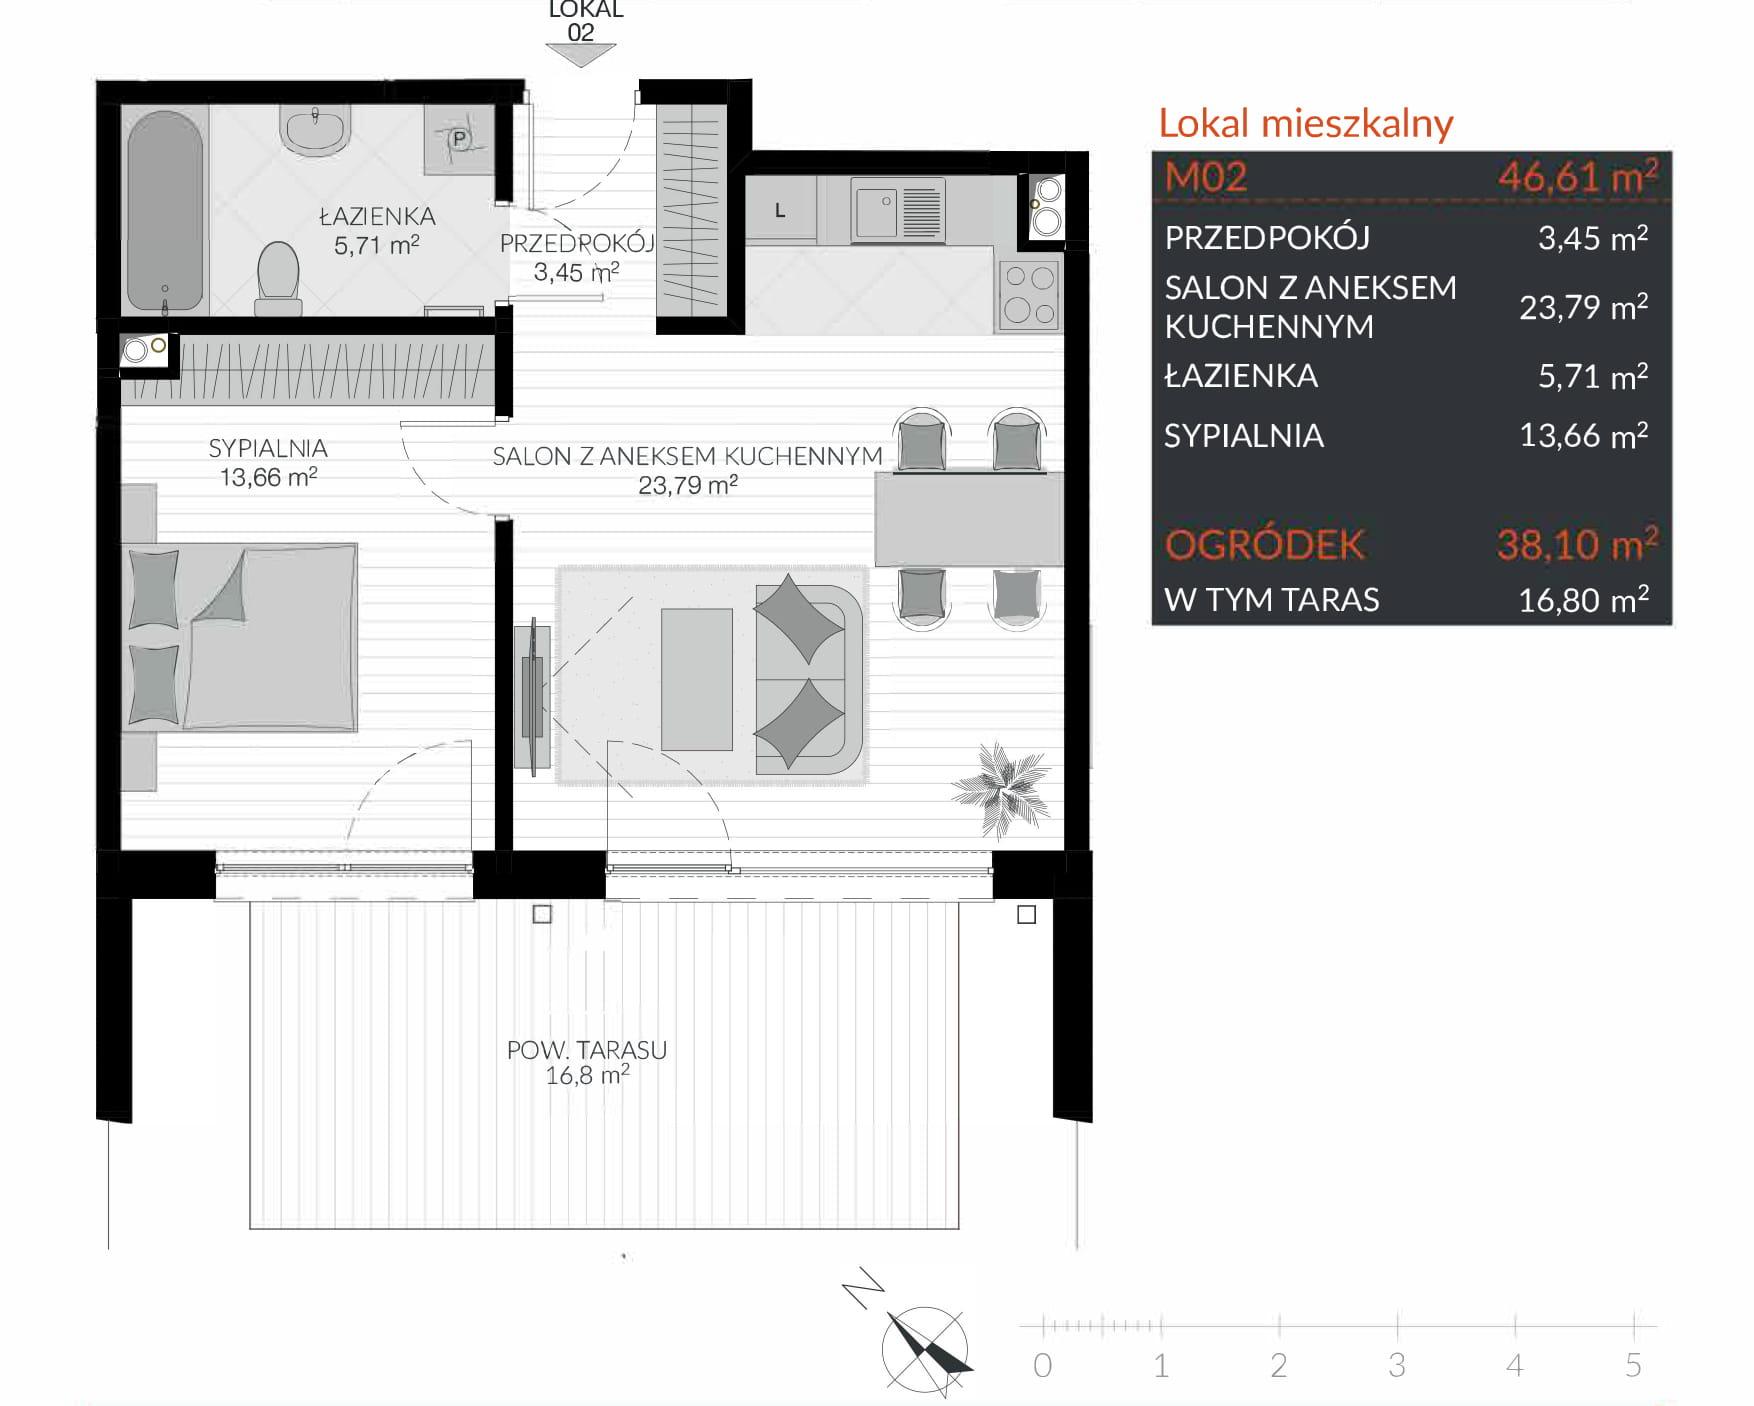 Apartamenty Kamienna / apartamenty inwestycyjne M02 rzut 1